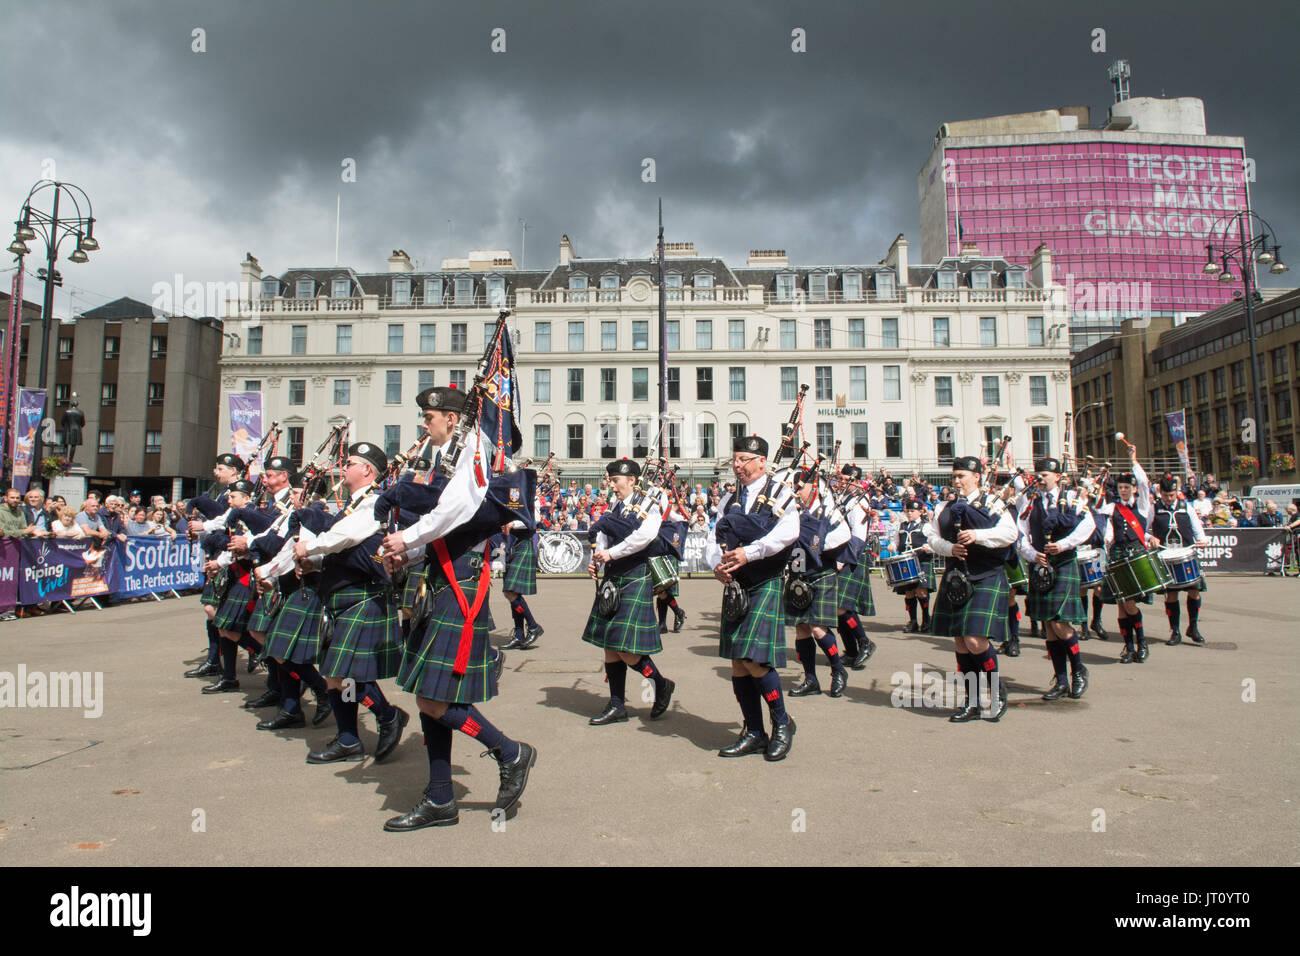 George Square, Glasgow, Schottland, Großbritannien. 7 Aug, 2017 Rohrleitungen Live! - Der Glasgow International Stockfoto